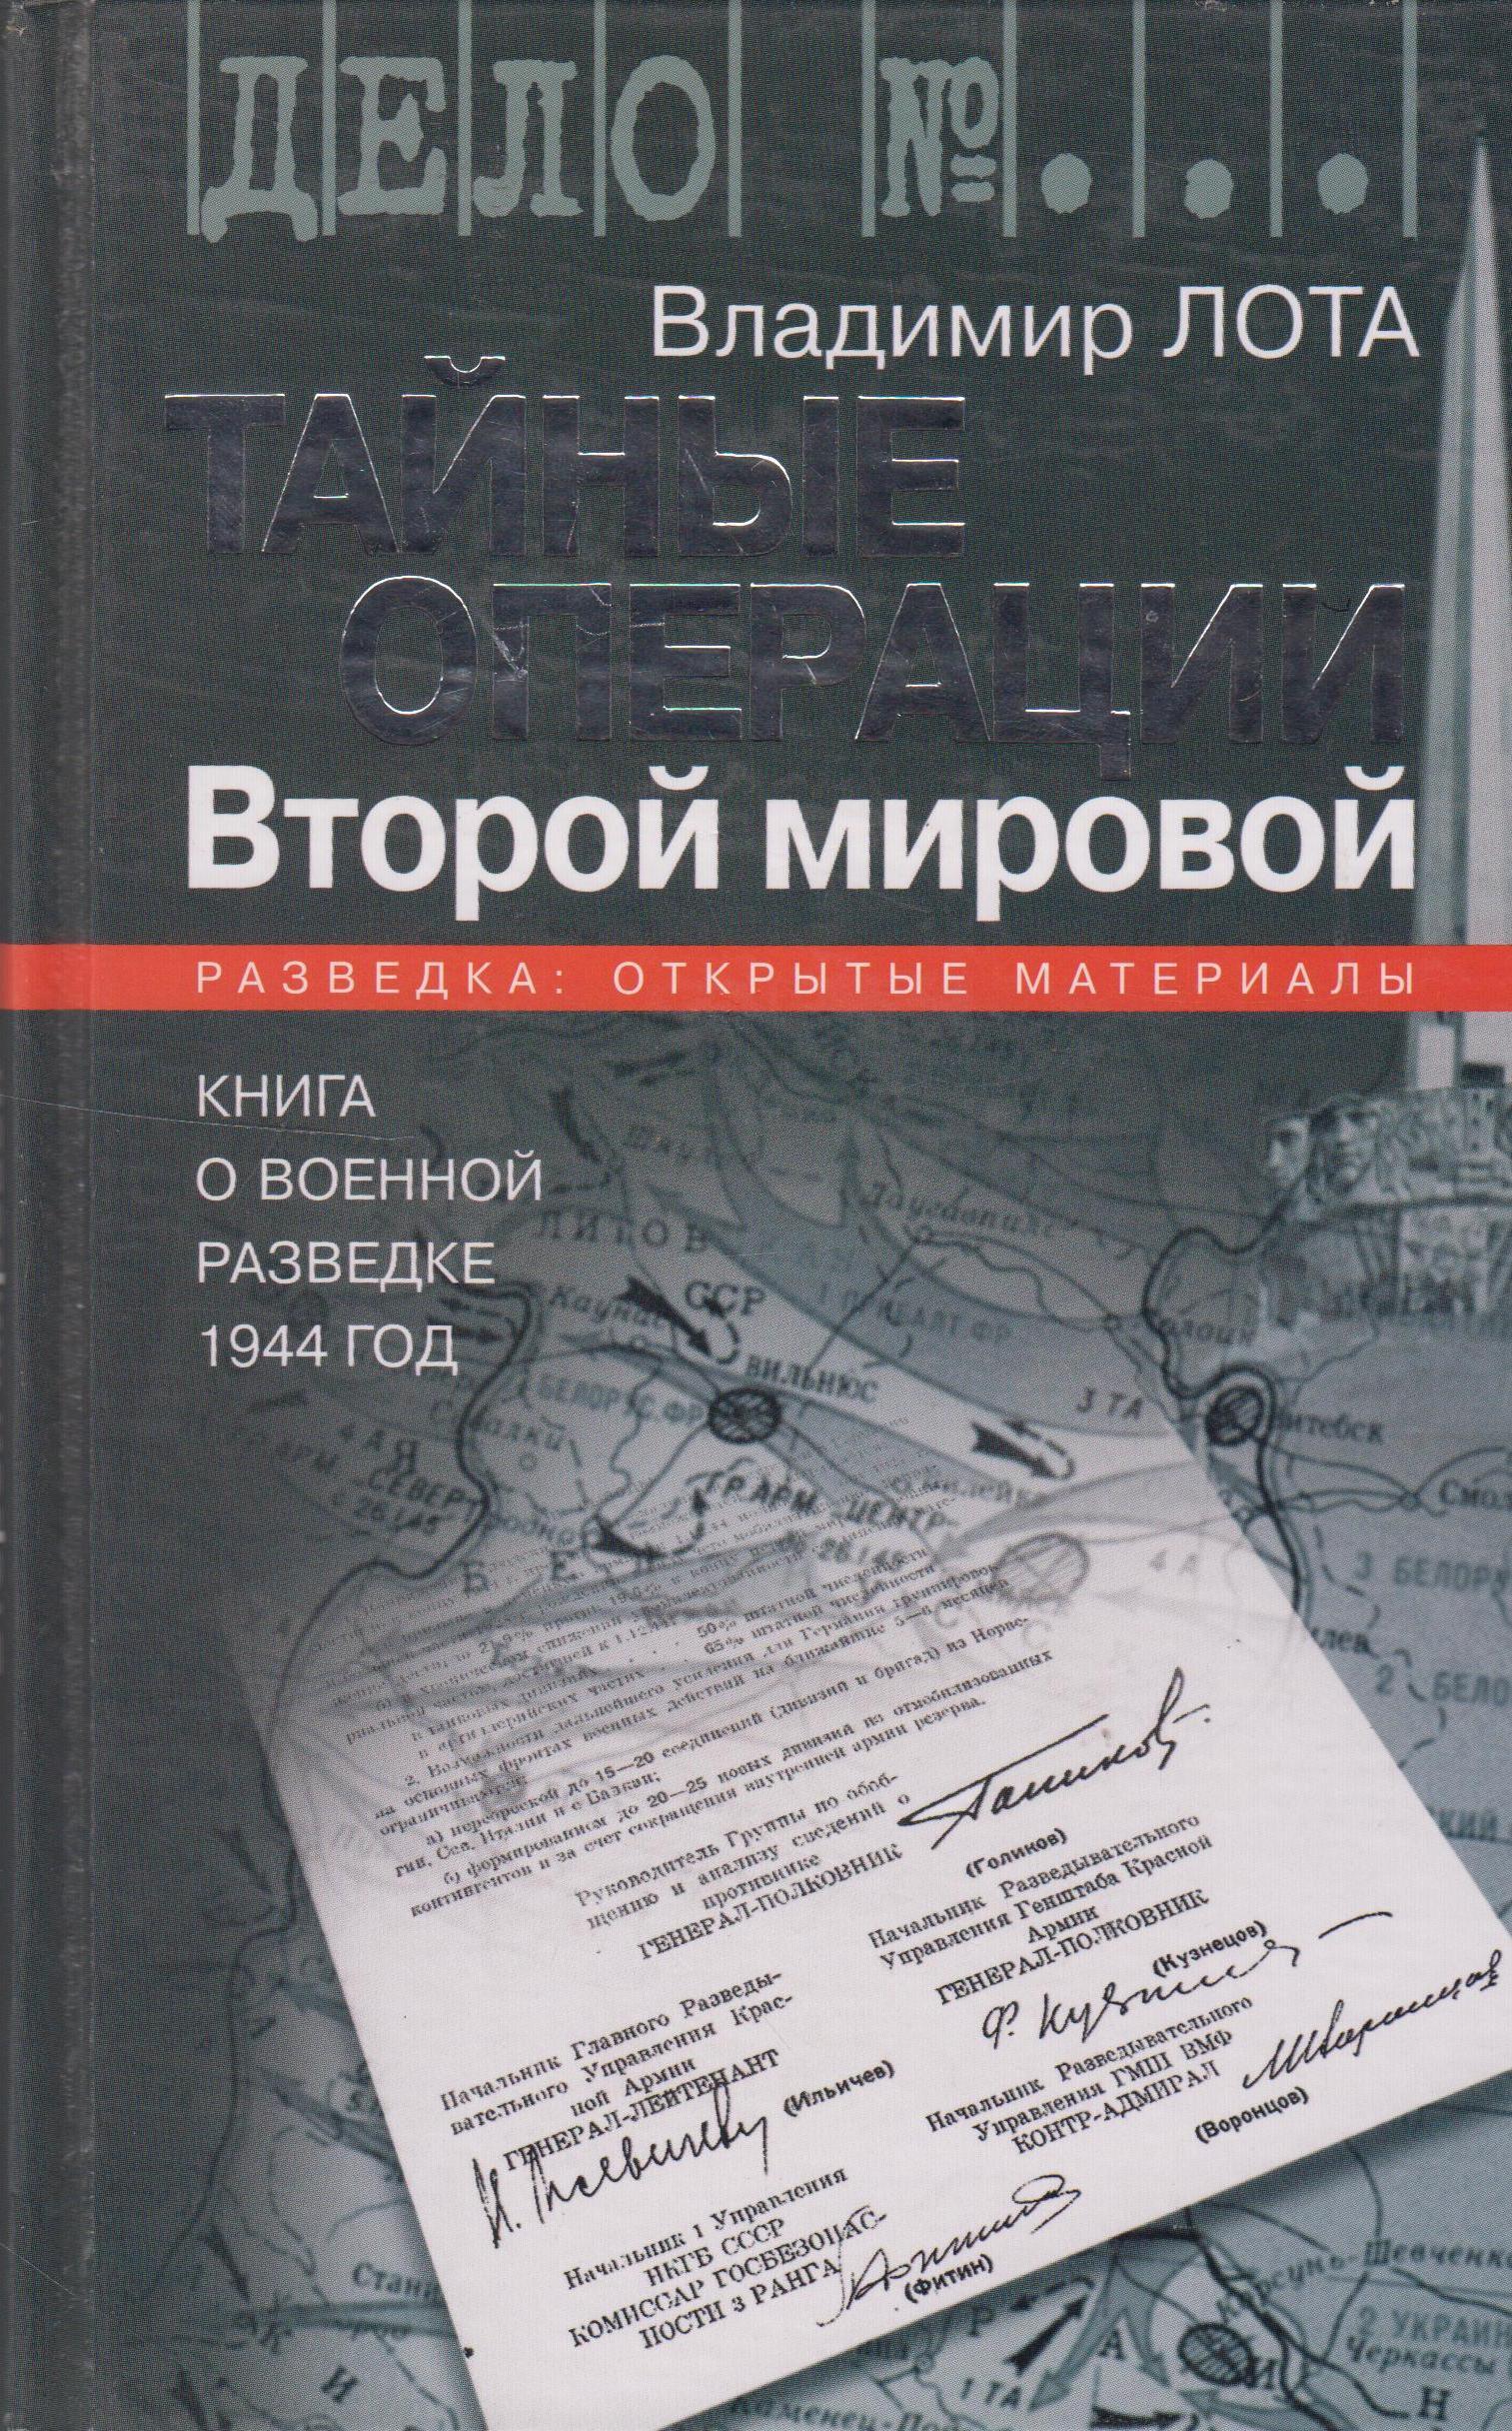 Лота Владимир Тайные операции Второй мировой. Книга о военной разведке. 1944 год.